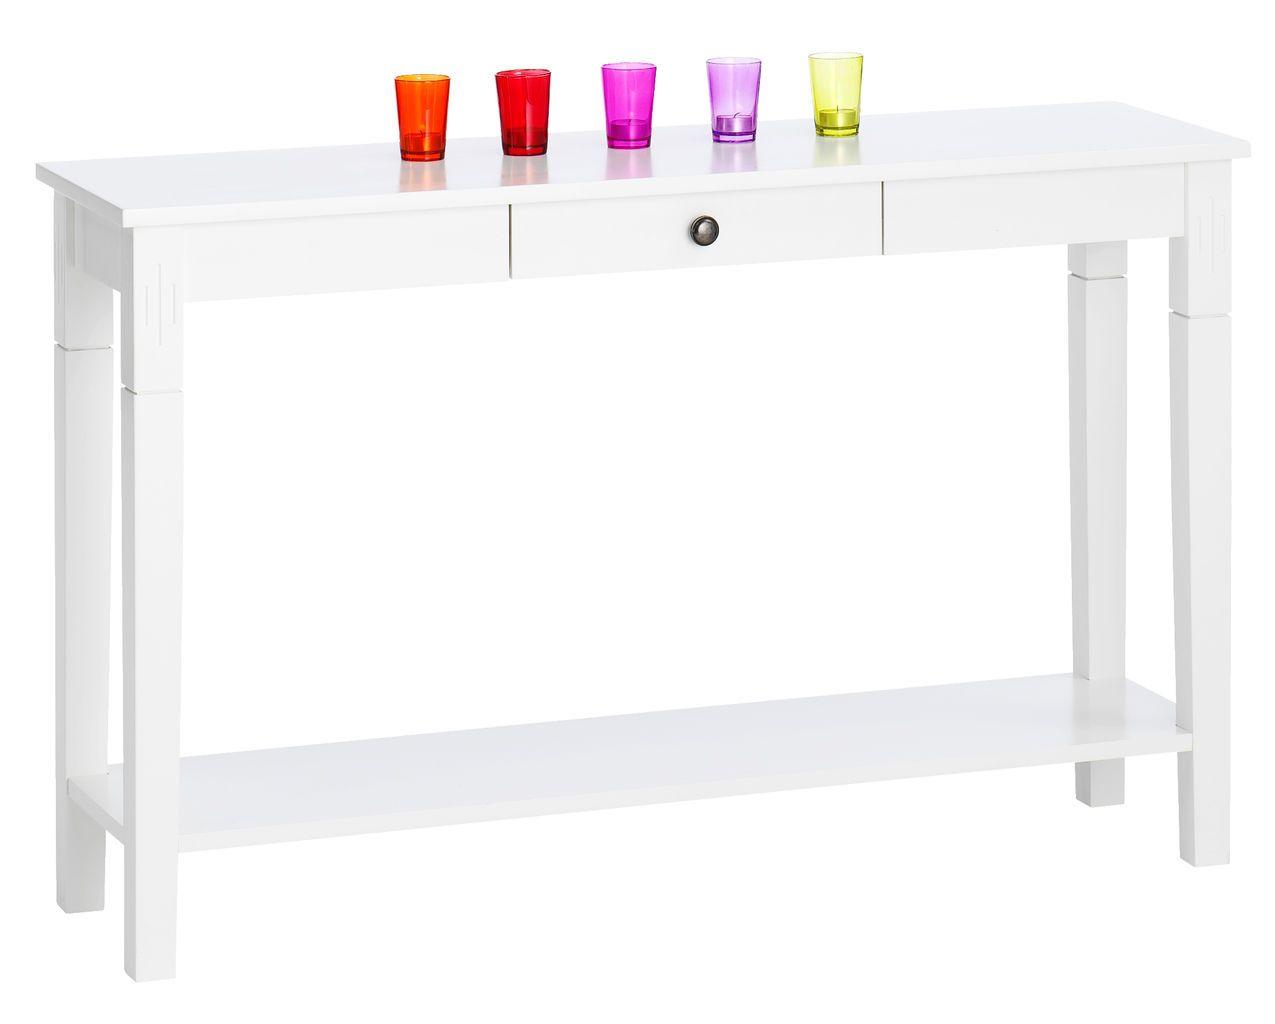 Sivupöytä AULUM 1 laatikko valkoinen JYSK Entrance Pinterest